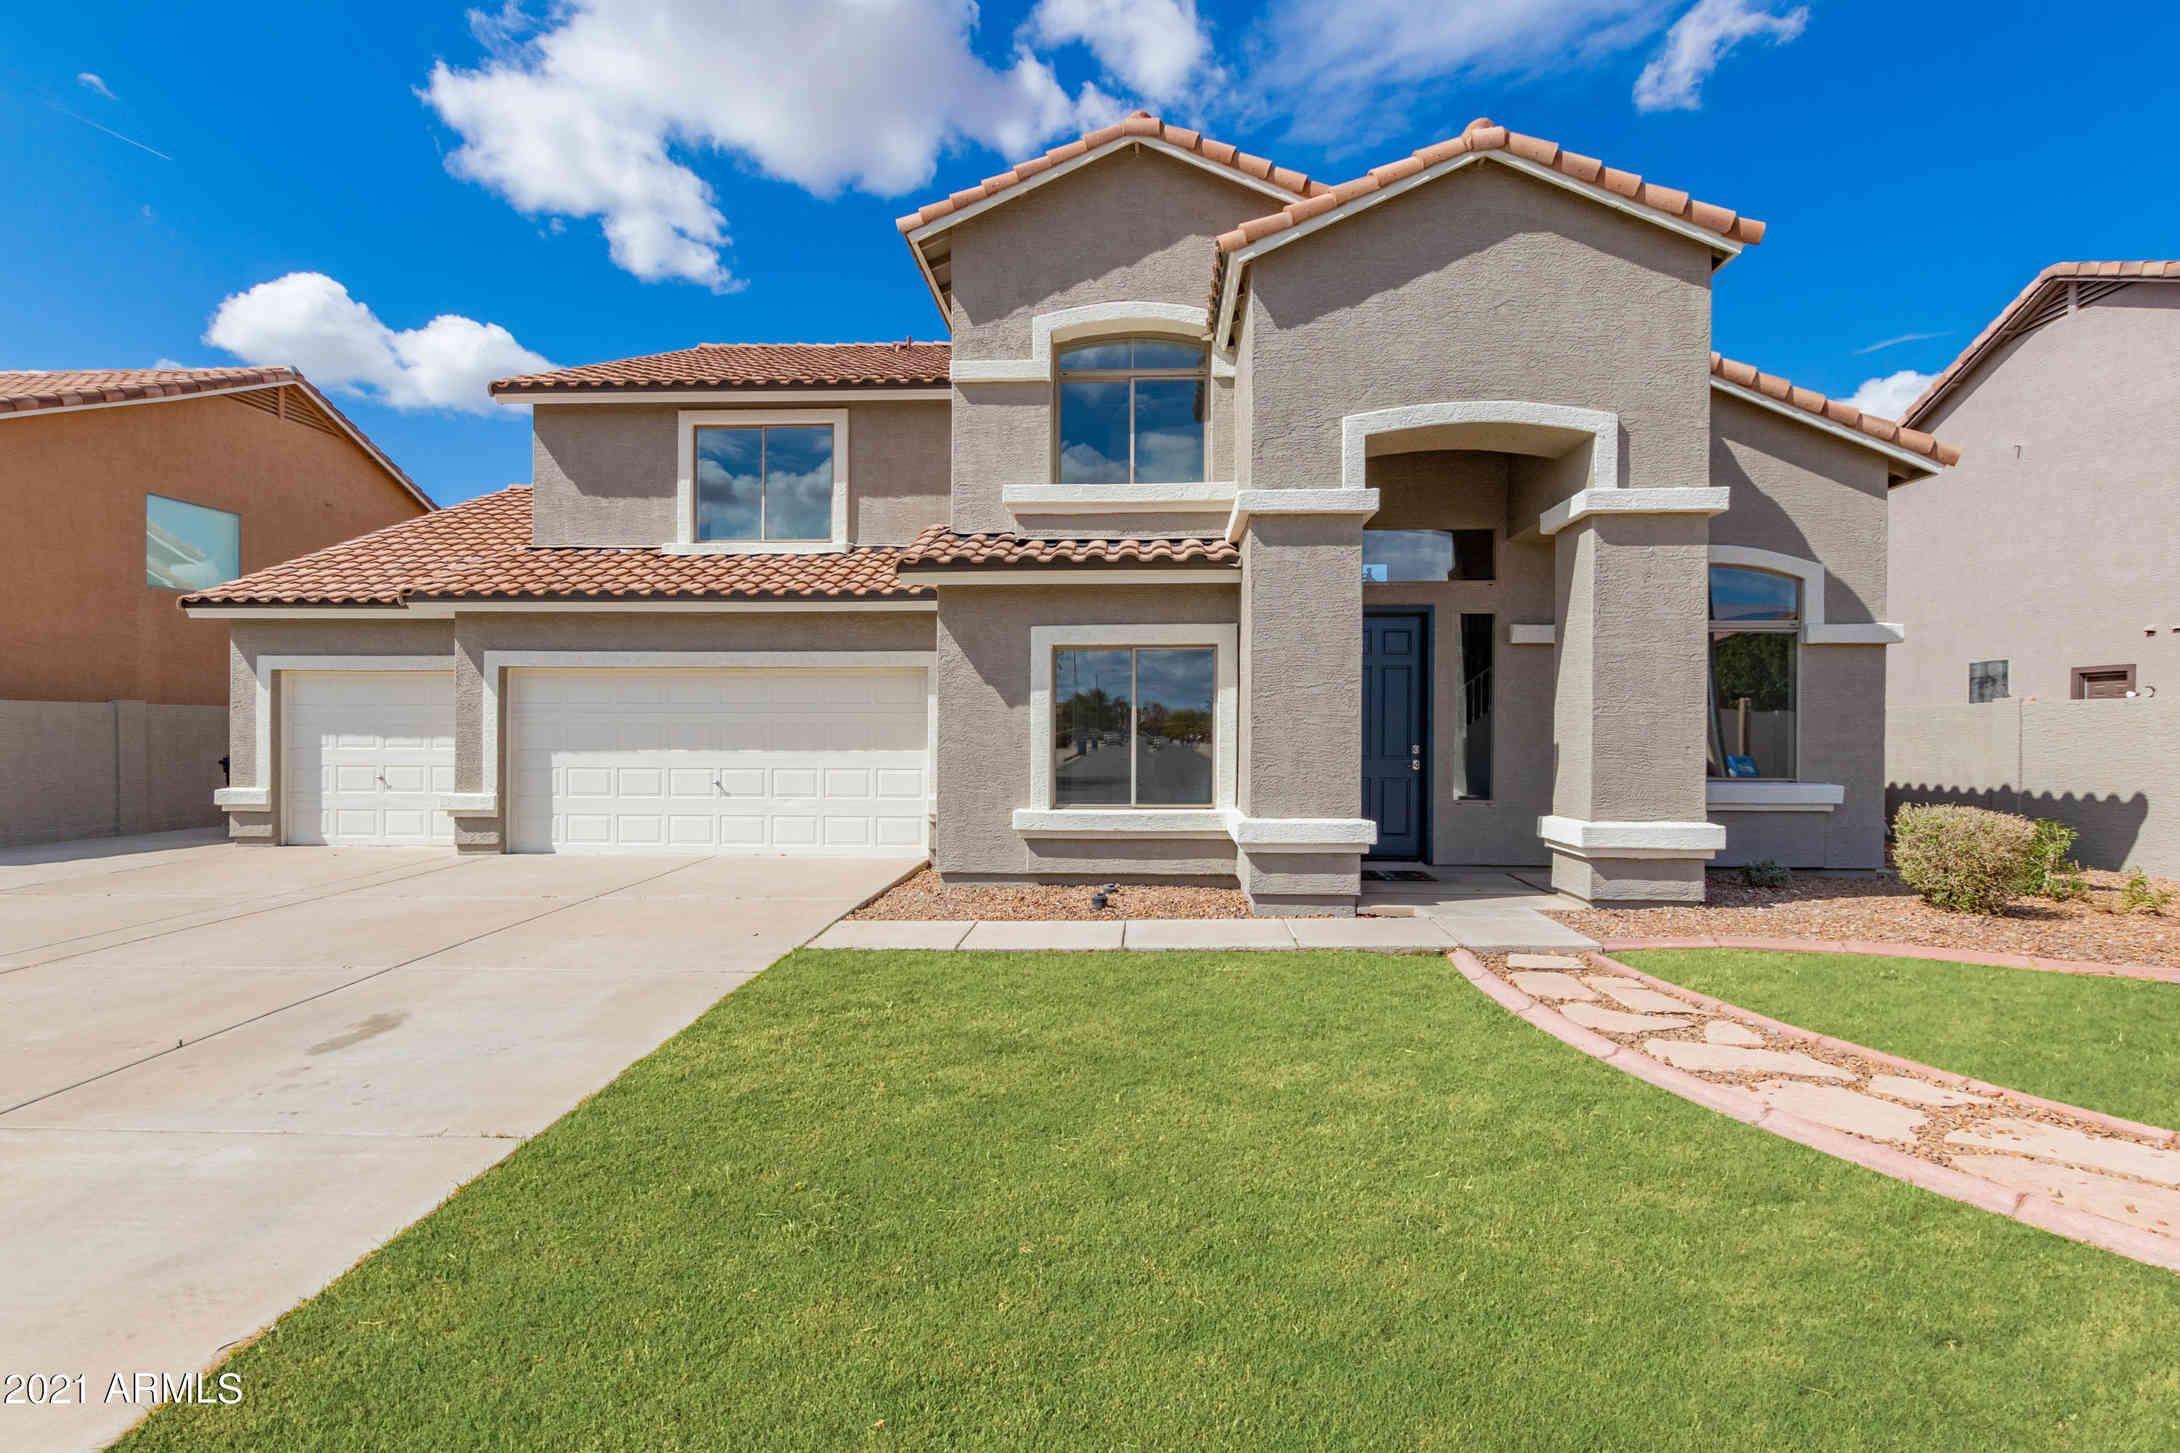 1860 S RIALTO --, Mesa, AZ, 85209,